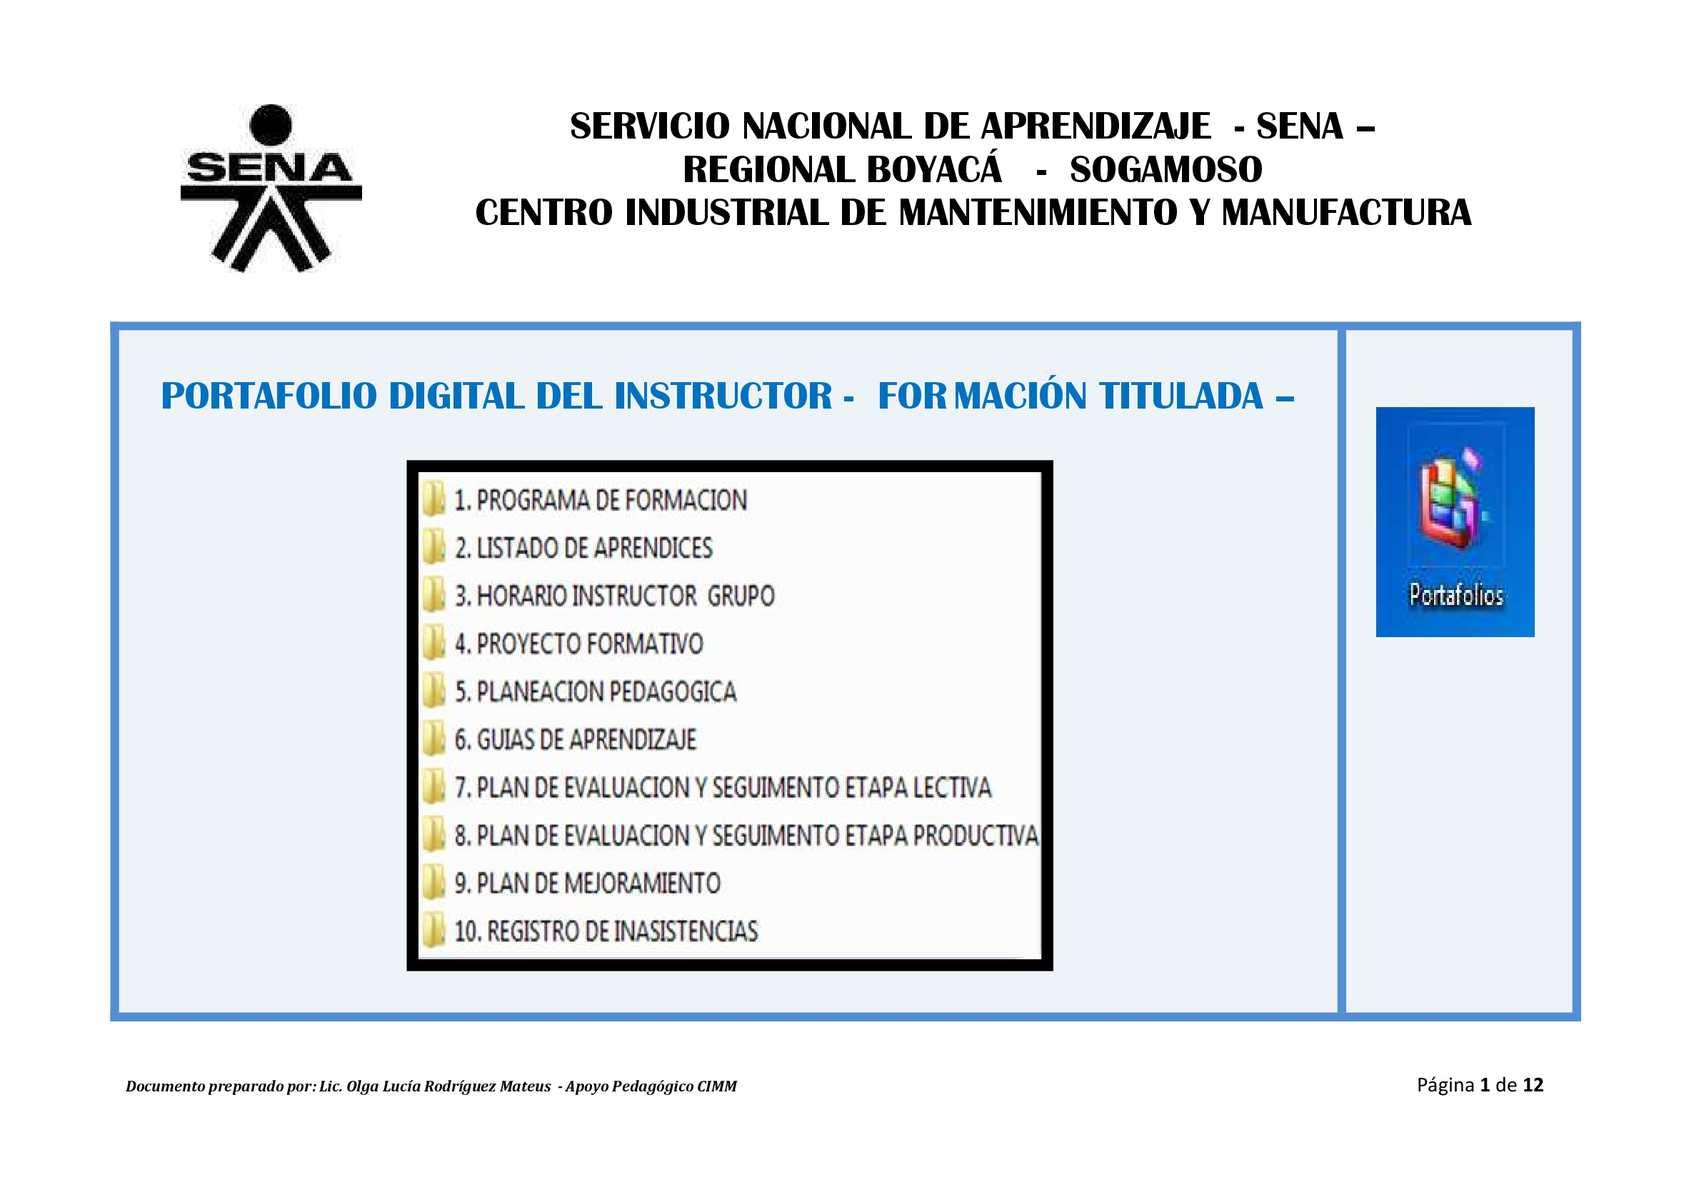 Soplete Portafolio Digital de Instructores Formación Titulada Sept 2015